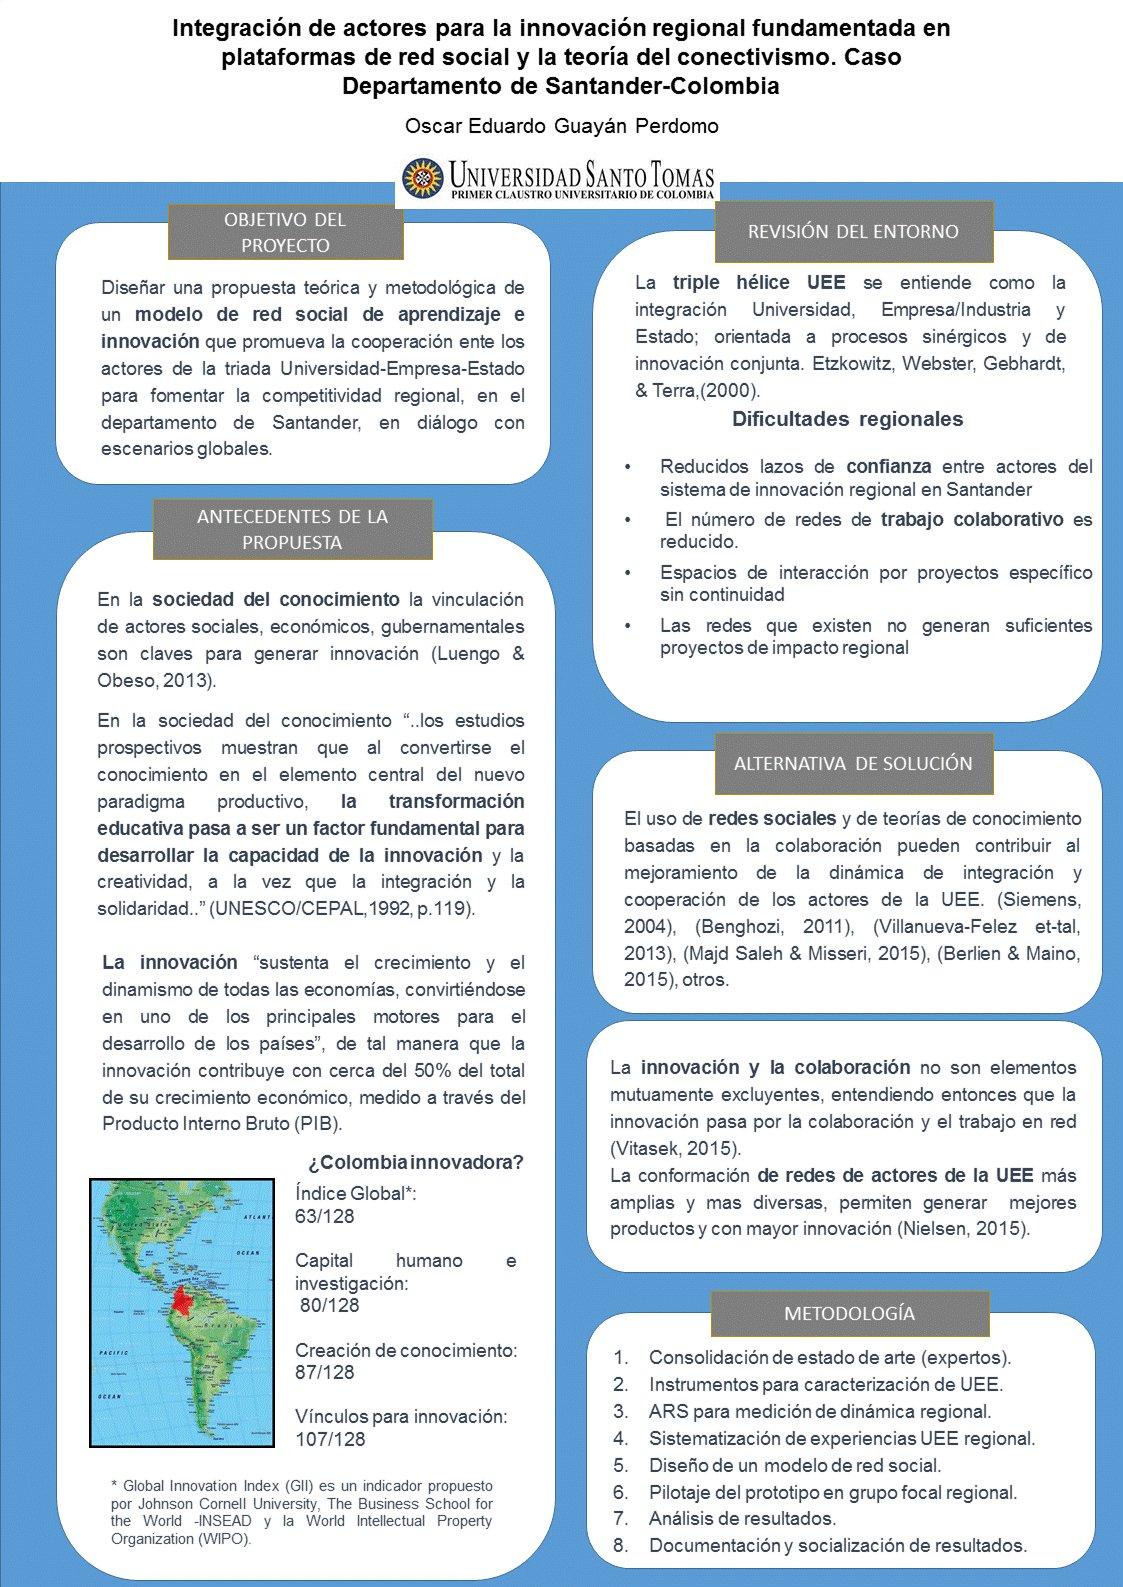 Integración de actores para la innovación regional fundamentada en plataformas de red social y la teoría del conectivismo. Caso Departamento de Santander-Colombia.